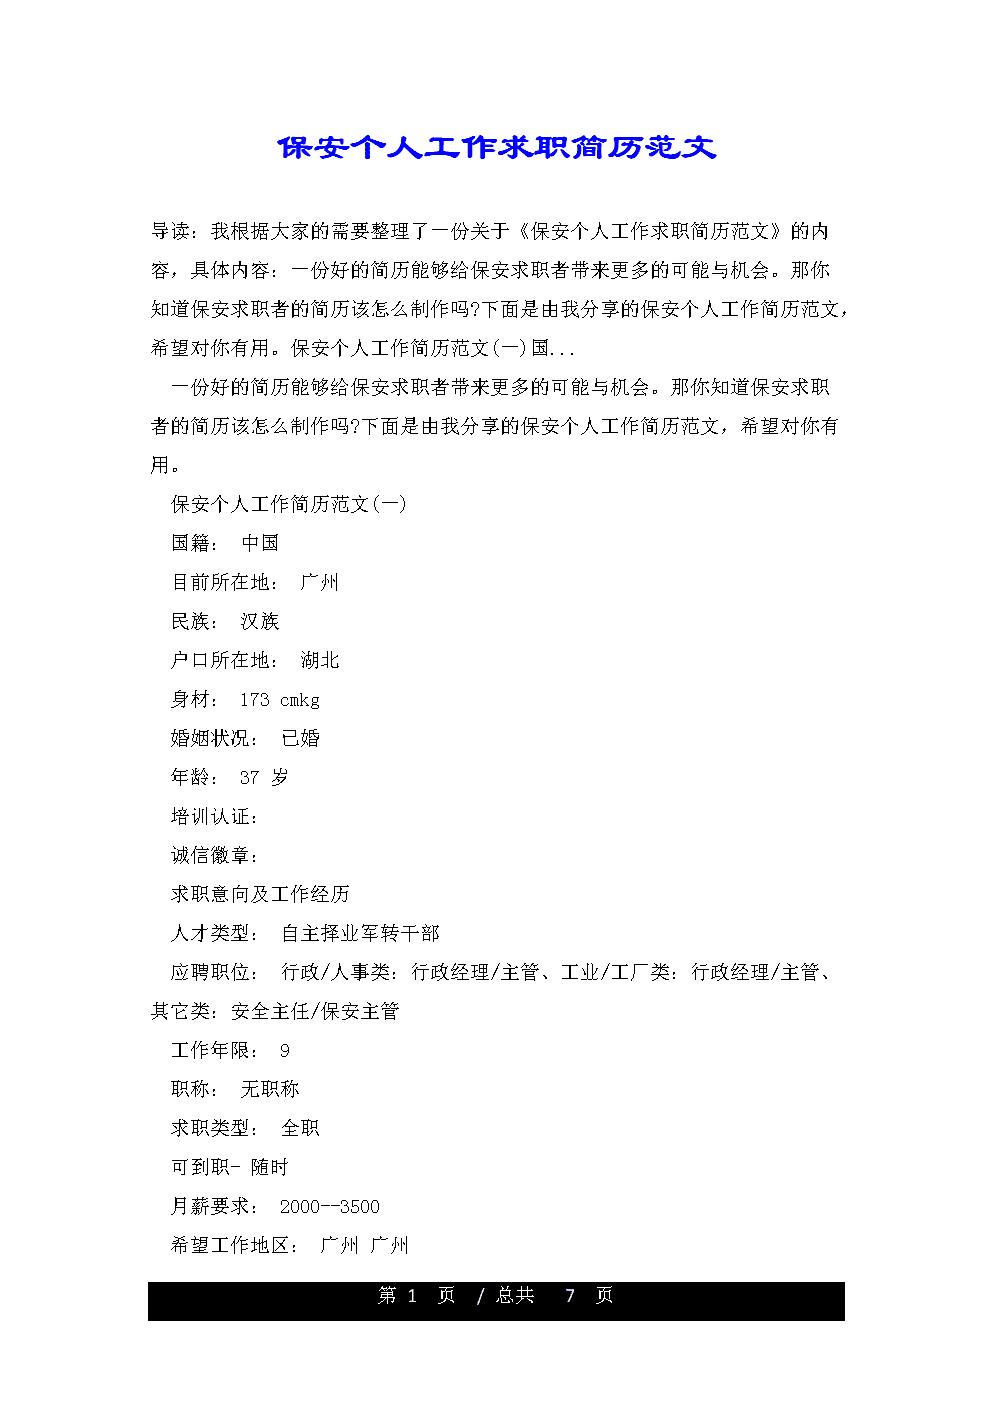 保安个人工作求职简历范文.doc